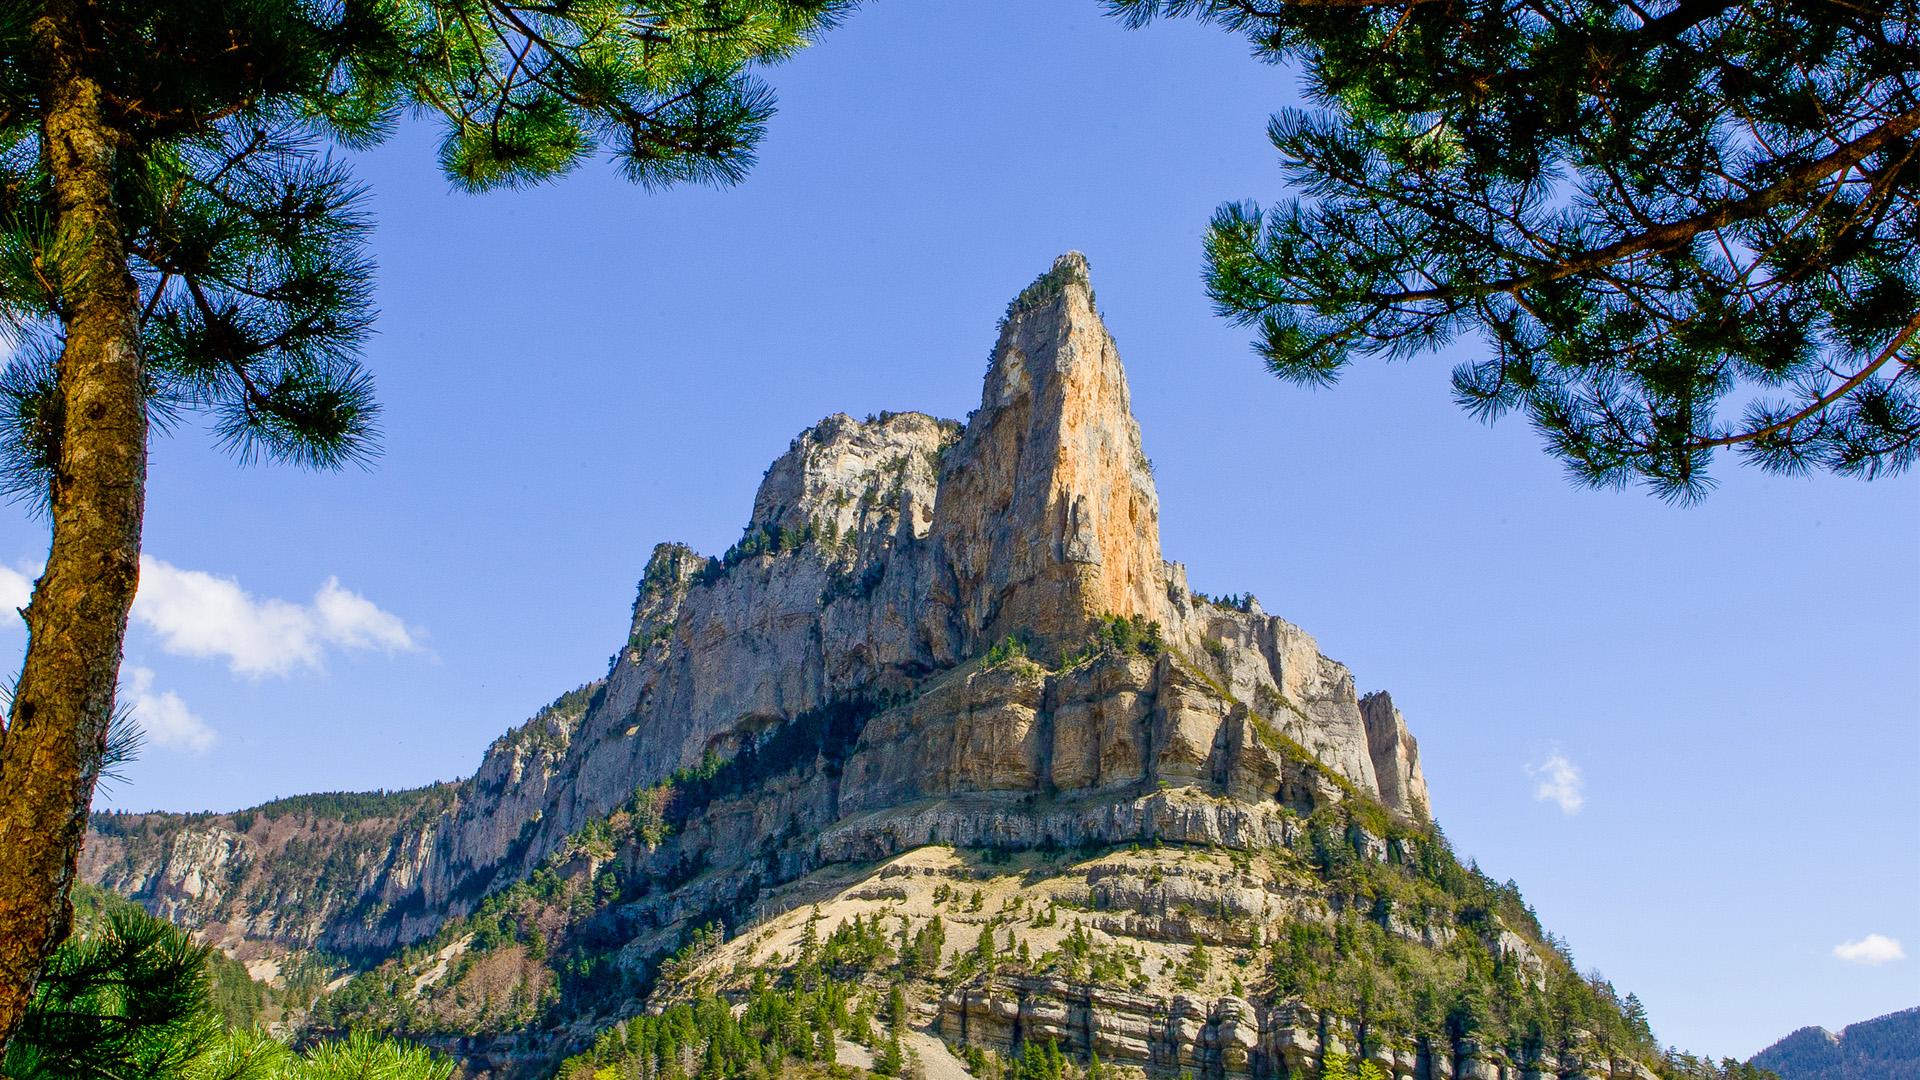 Le rocher de Combeau - Vercors